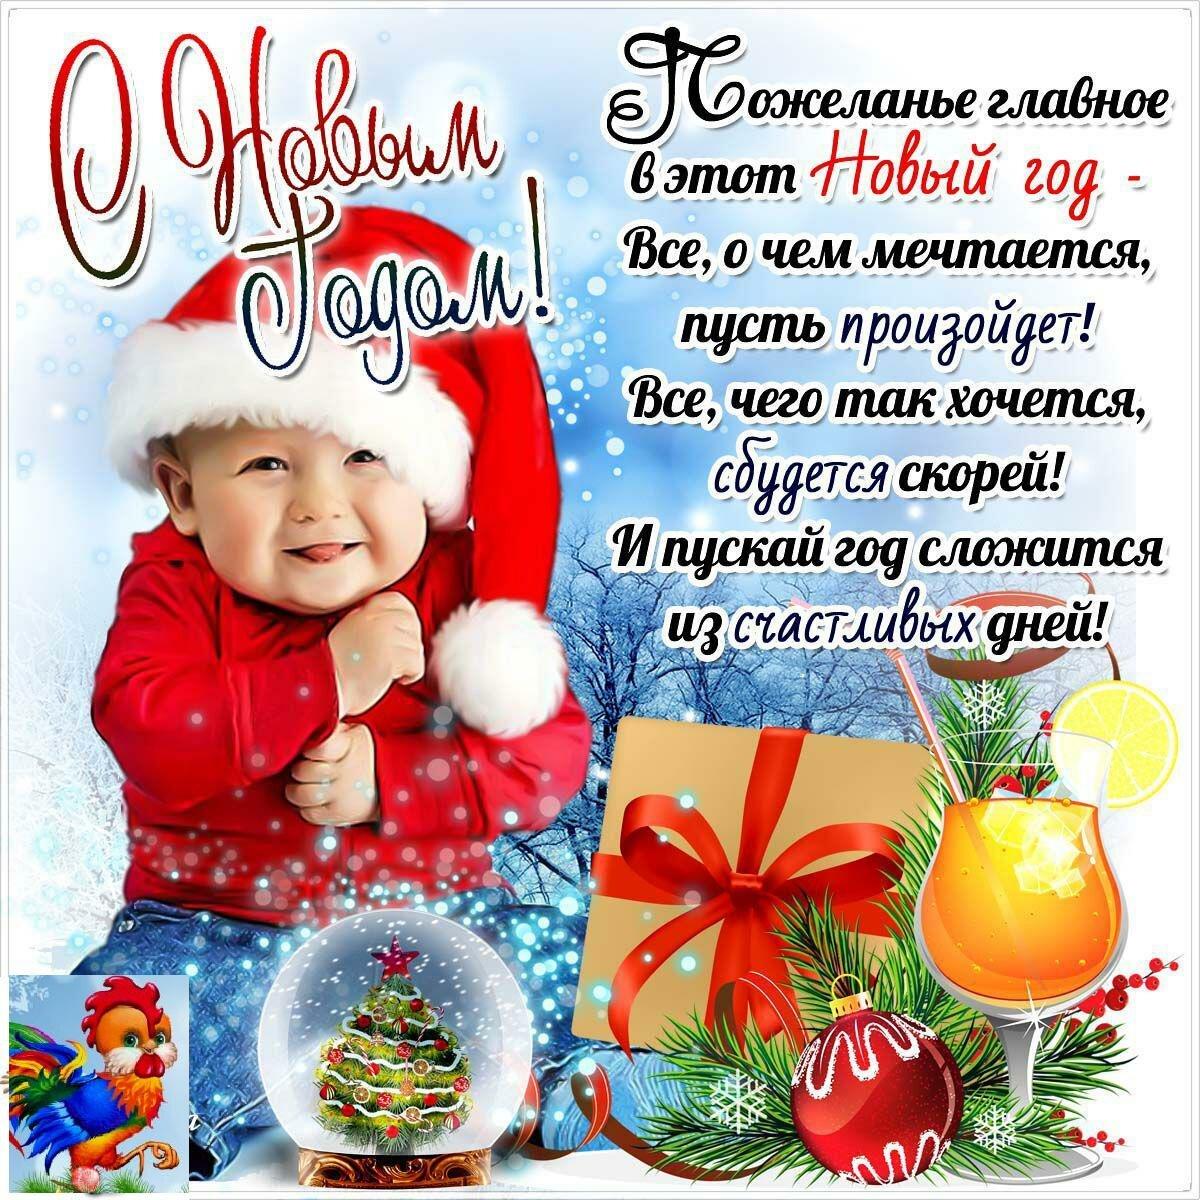 Поздравление прикольное друзьям с новым годом